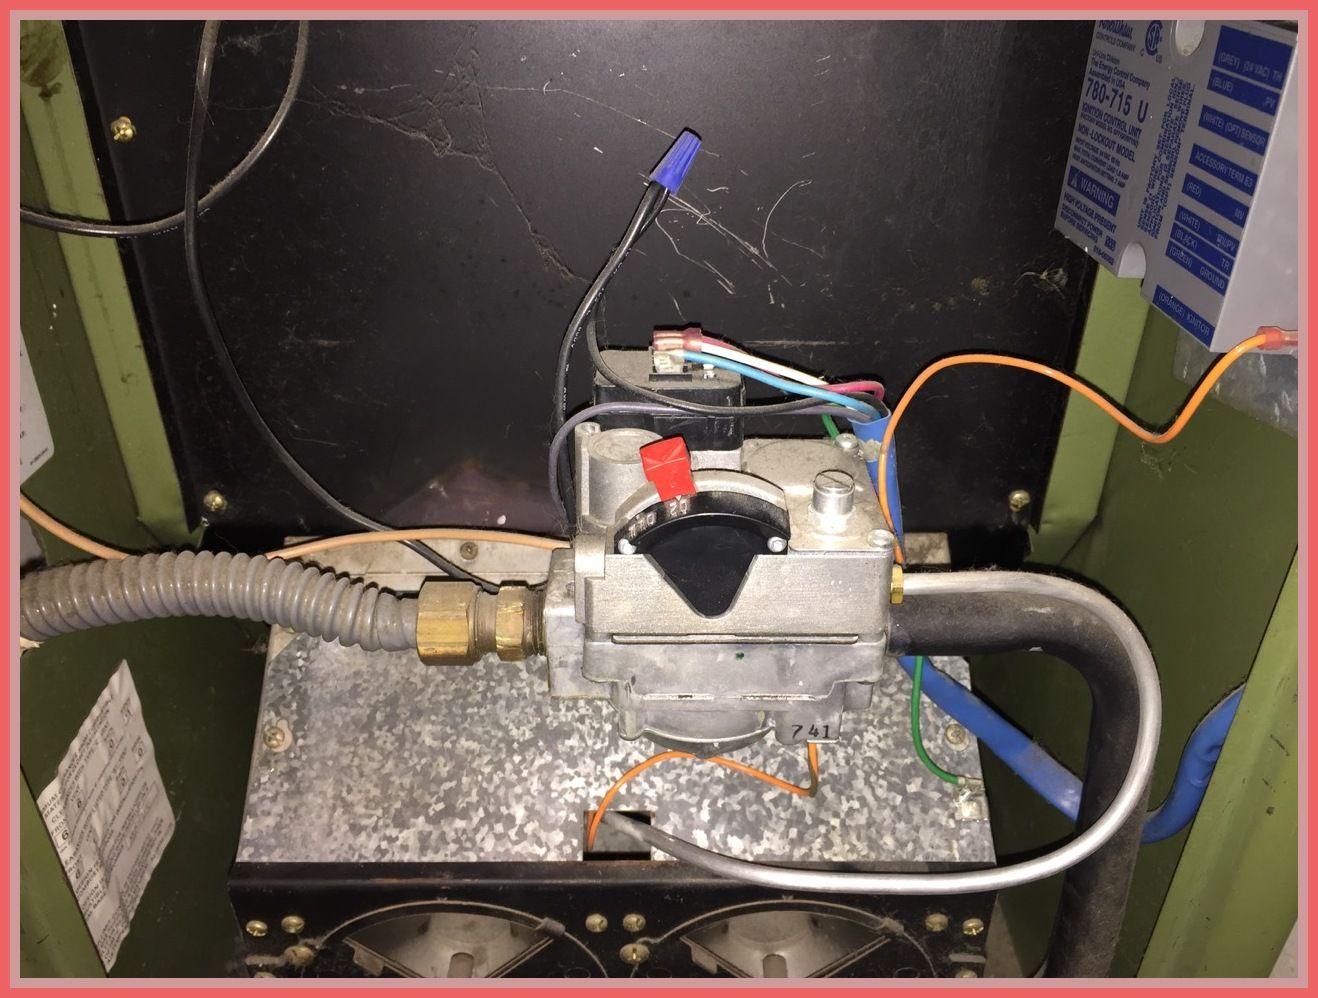 125 Reference Of Pilot Light Burner Furnace In 2020 Propane Furnace Gas Heater Vintage Bathroom